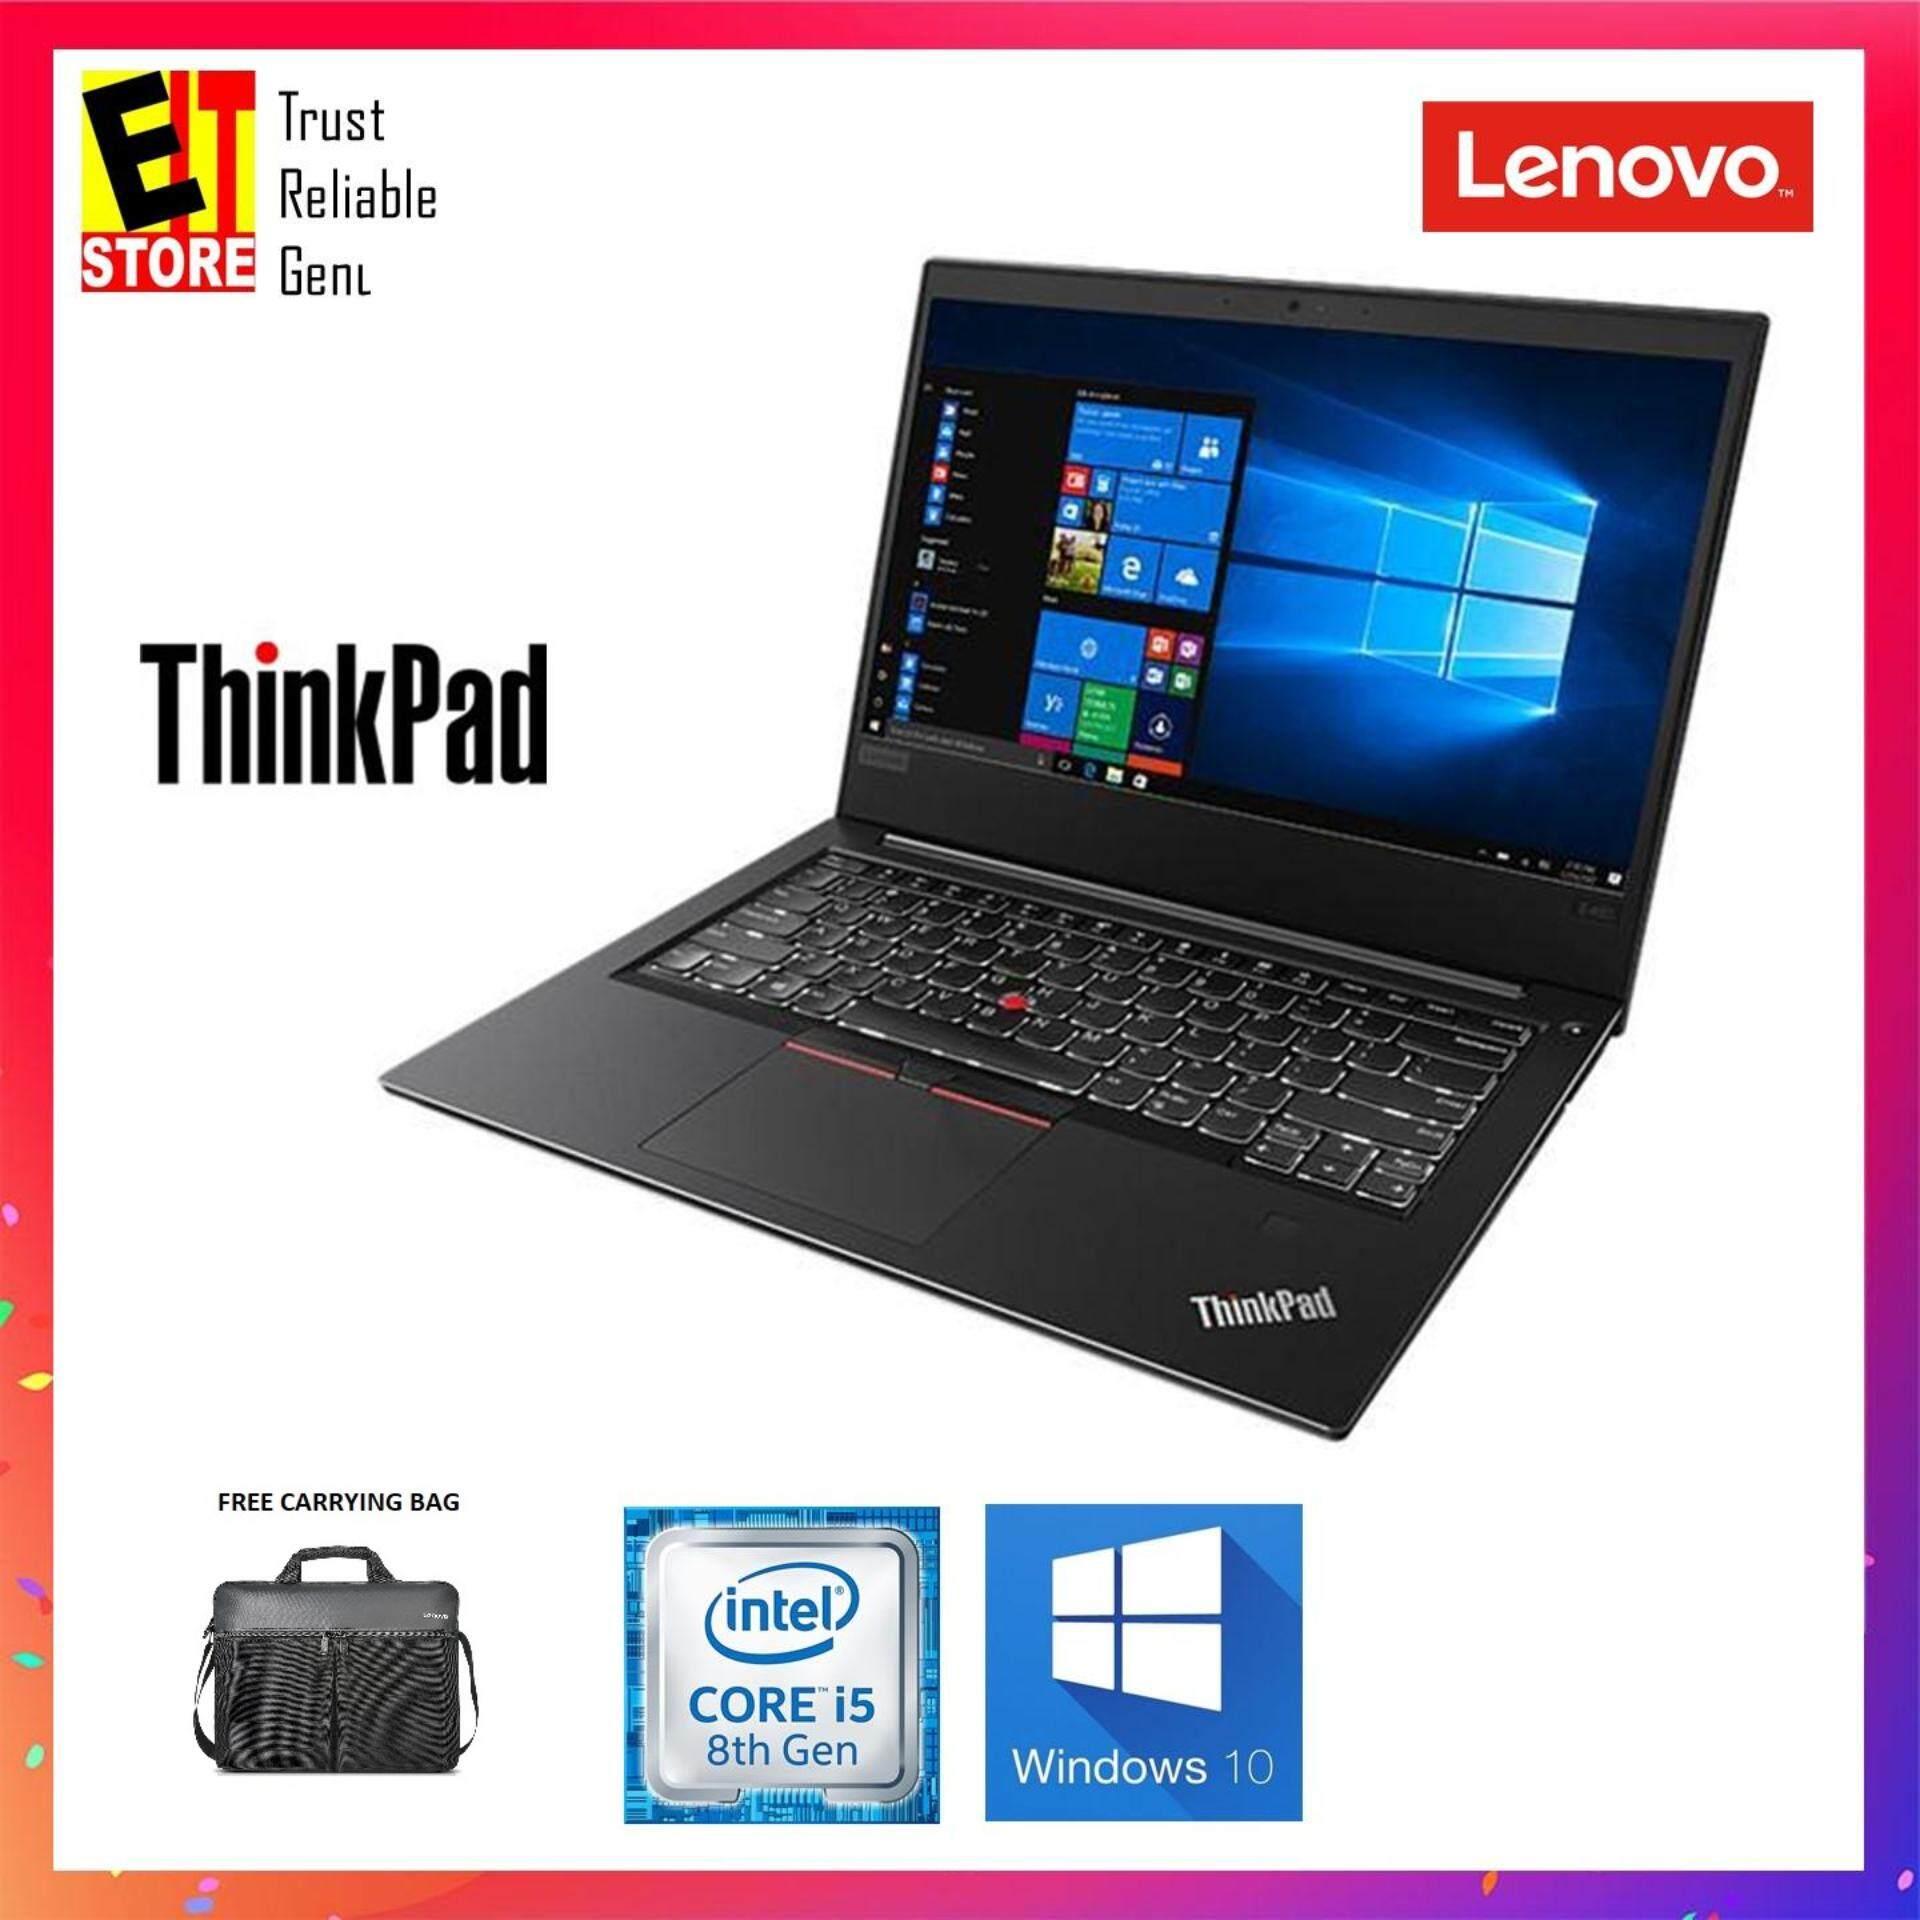 LENOVO THINKPAD E480 20KNS0MM00 (I5-8250U/8GB/1TB/INTEL/14 HD/W10/1YR) +FREE BAG Malaysia